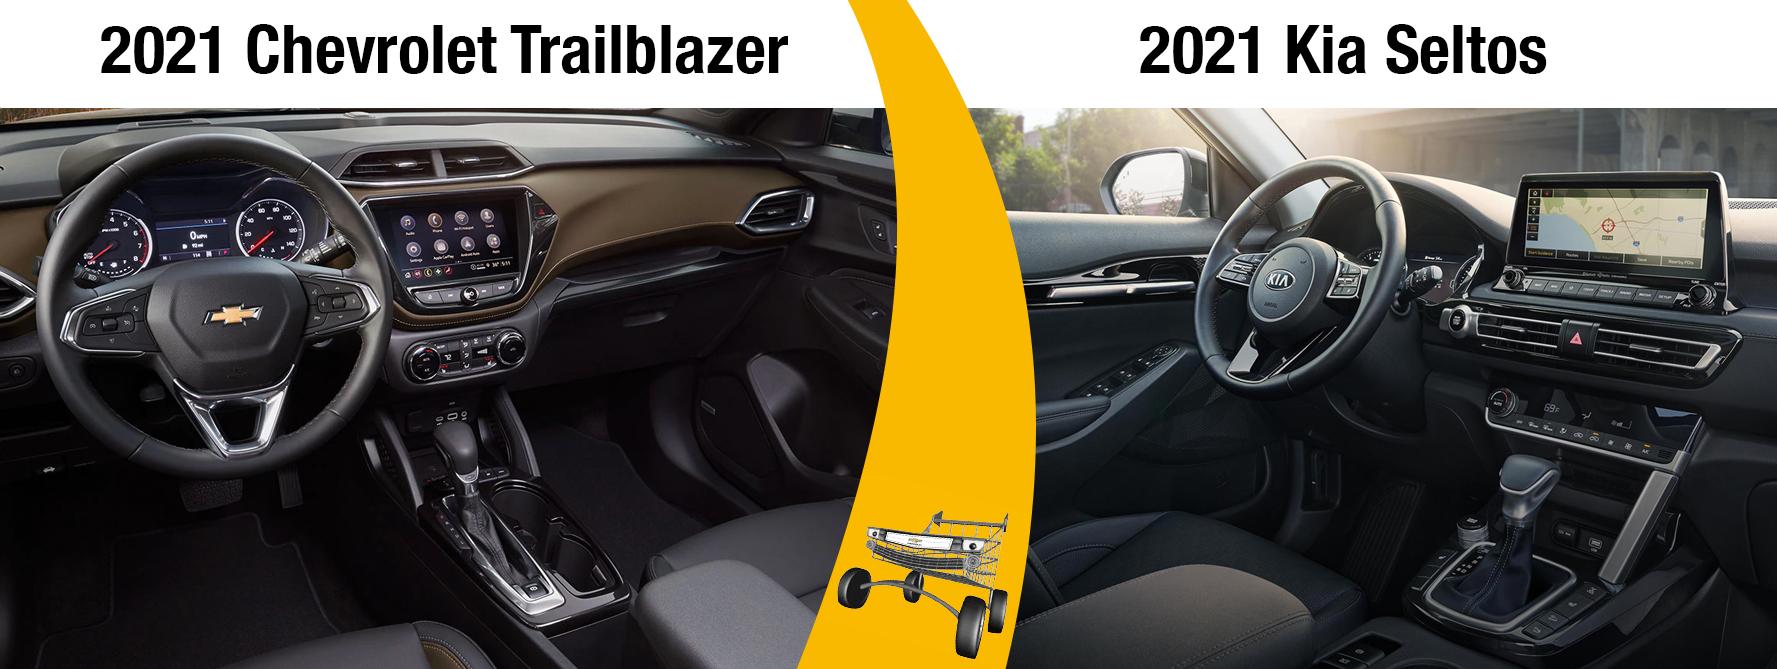 2021 Trailblazer vs 2021 Seltos Safety Technology